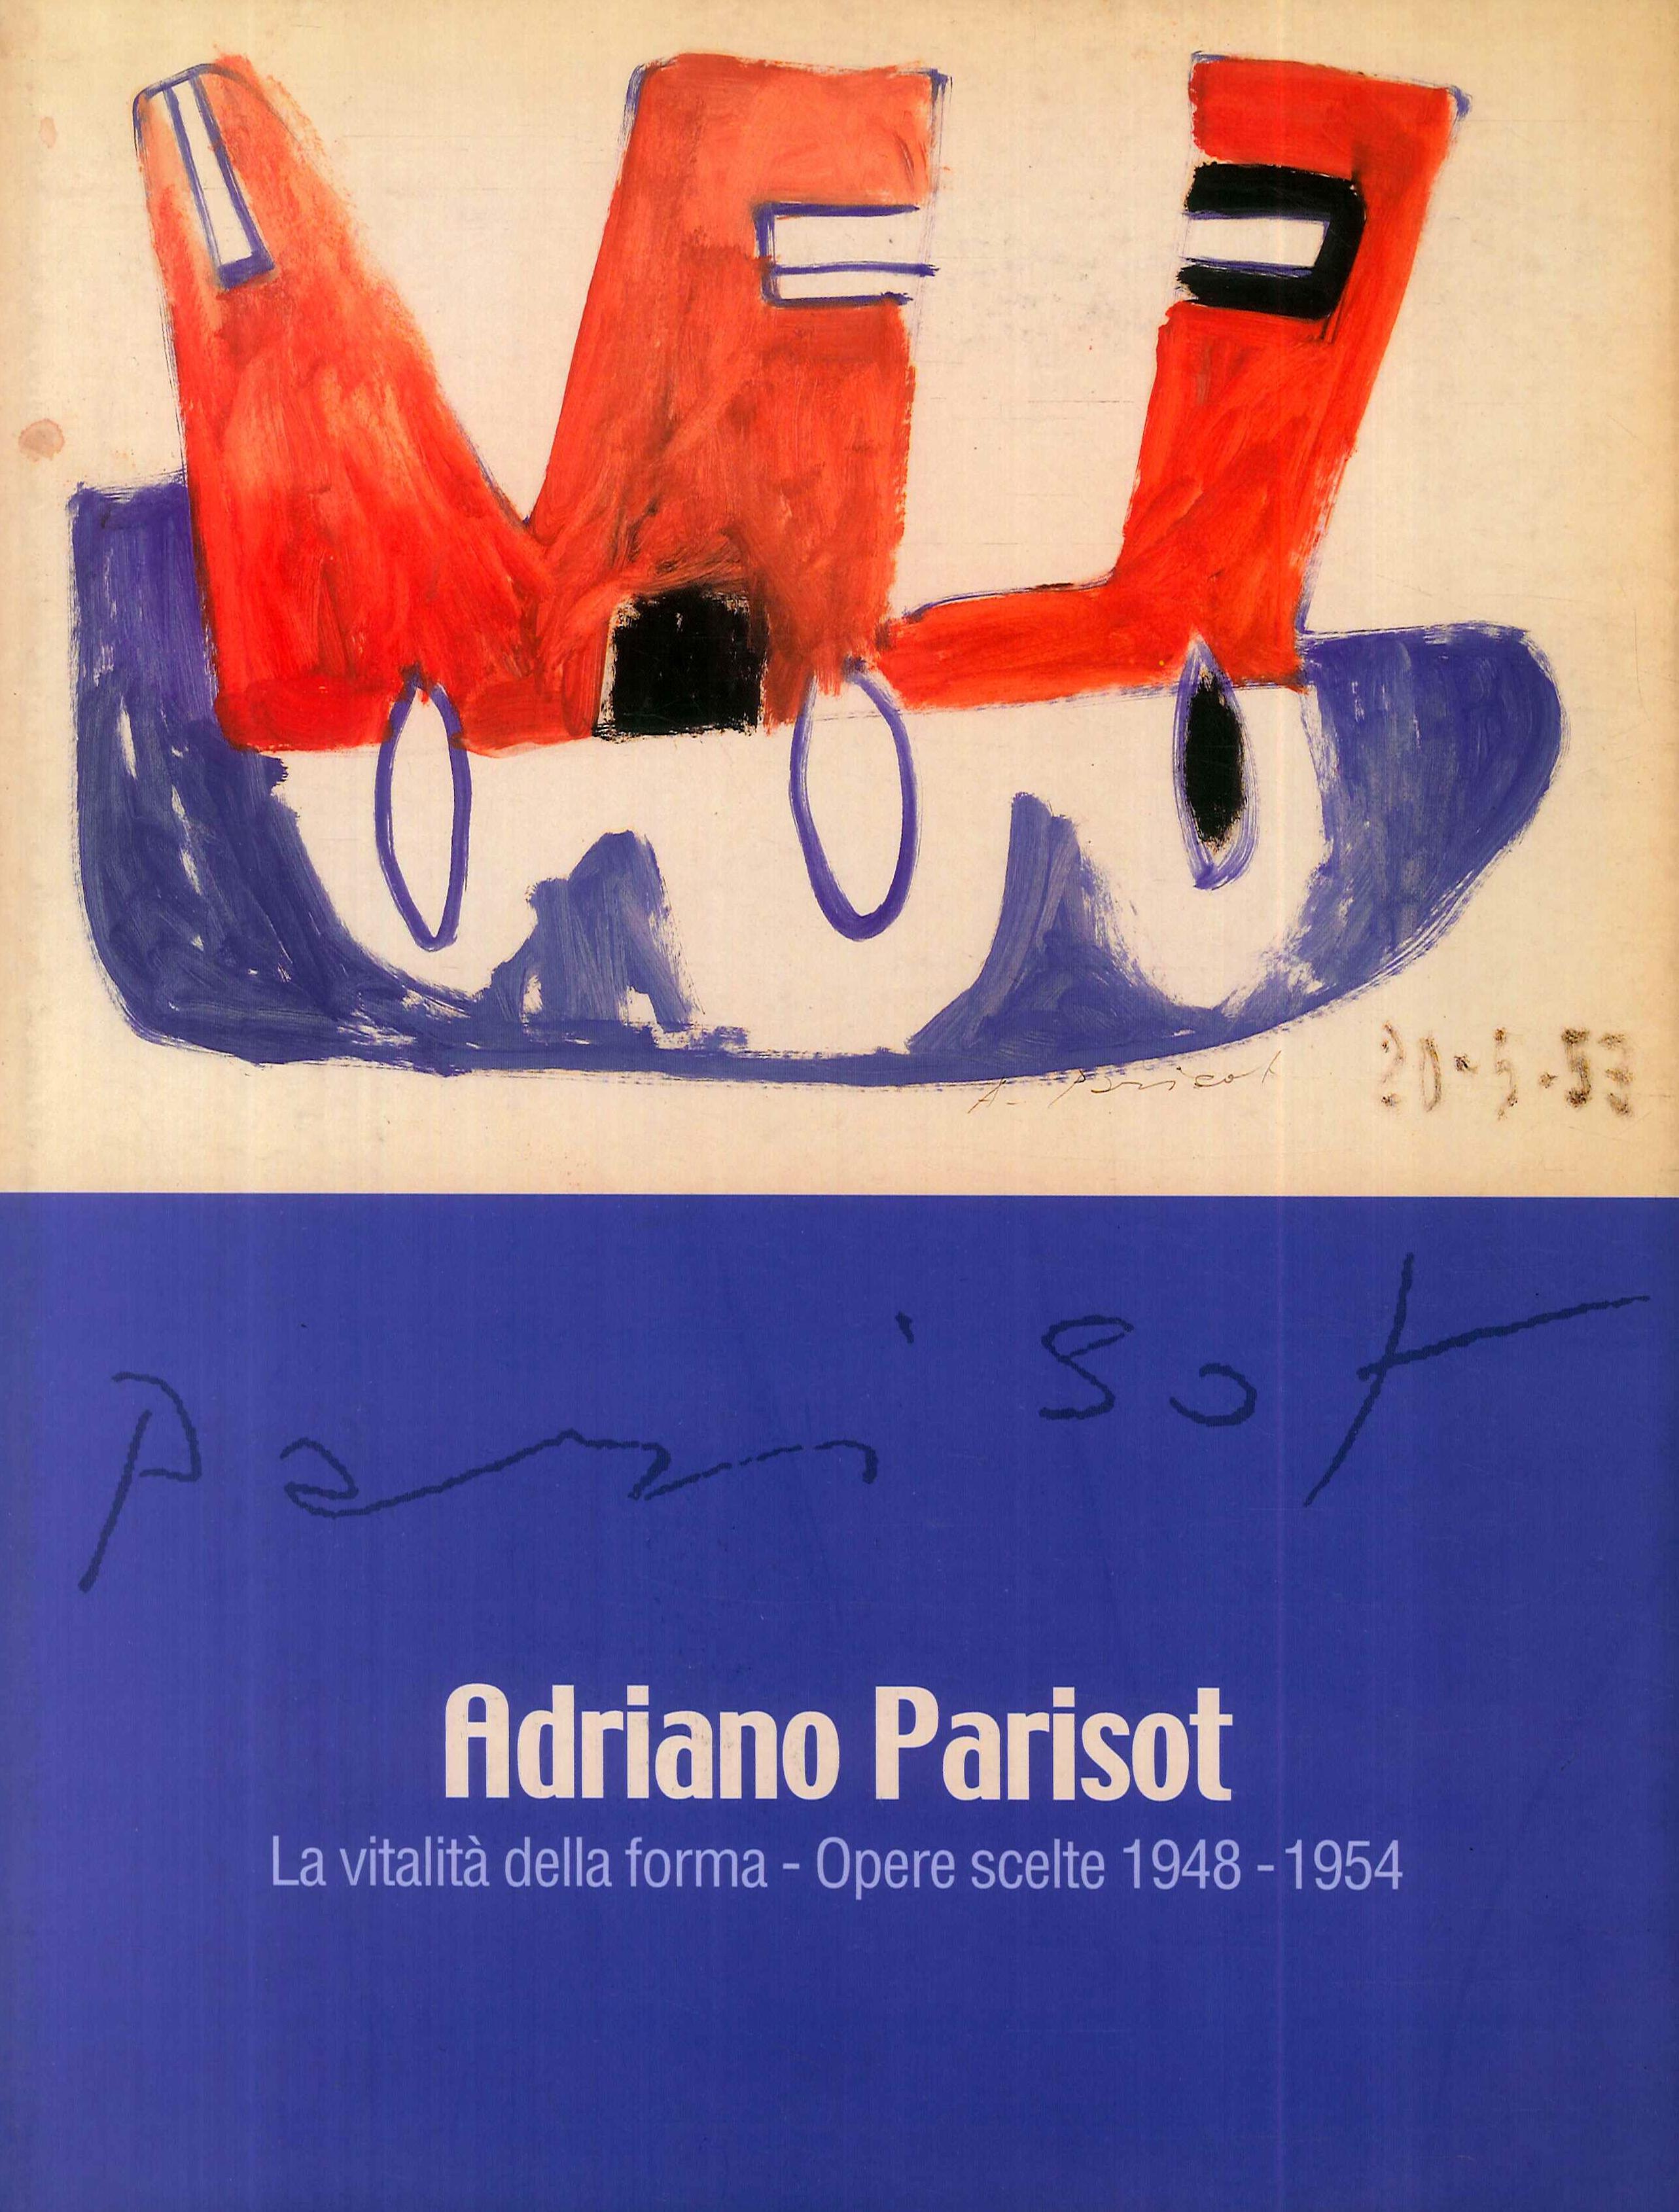 Adriano Parisot. La vitalità della forma. Opere scelte 1948-1954